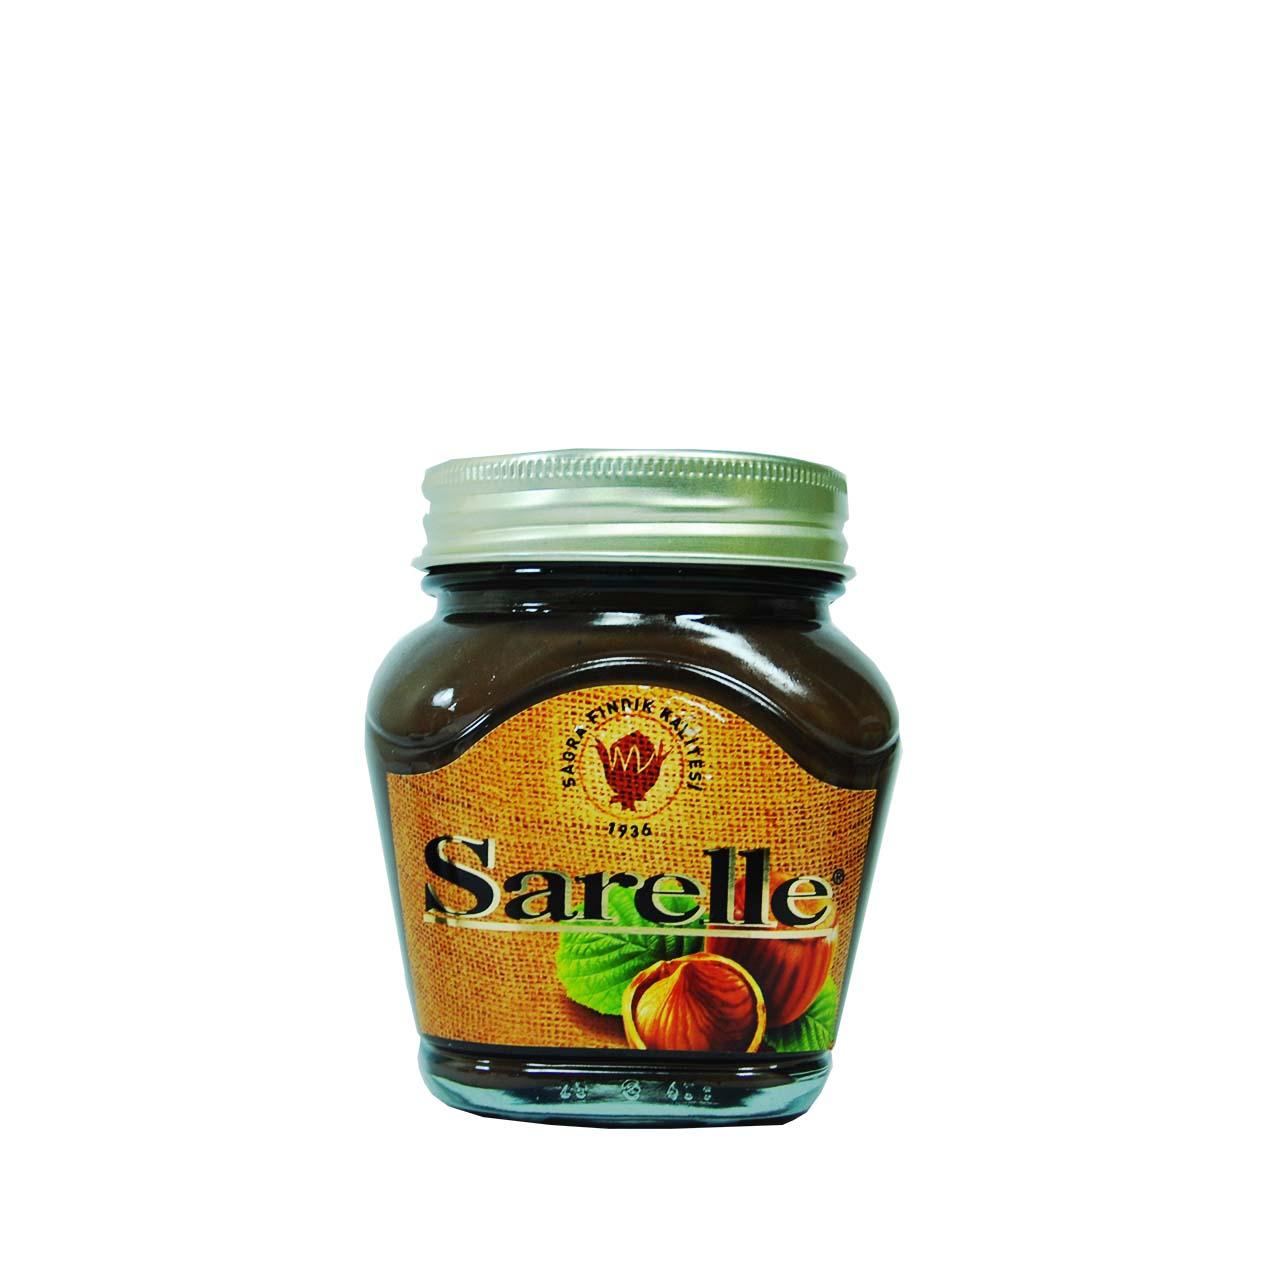 شکلات صبحانه سارلا – sarelle